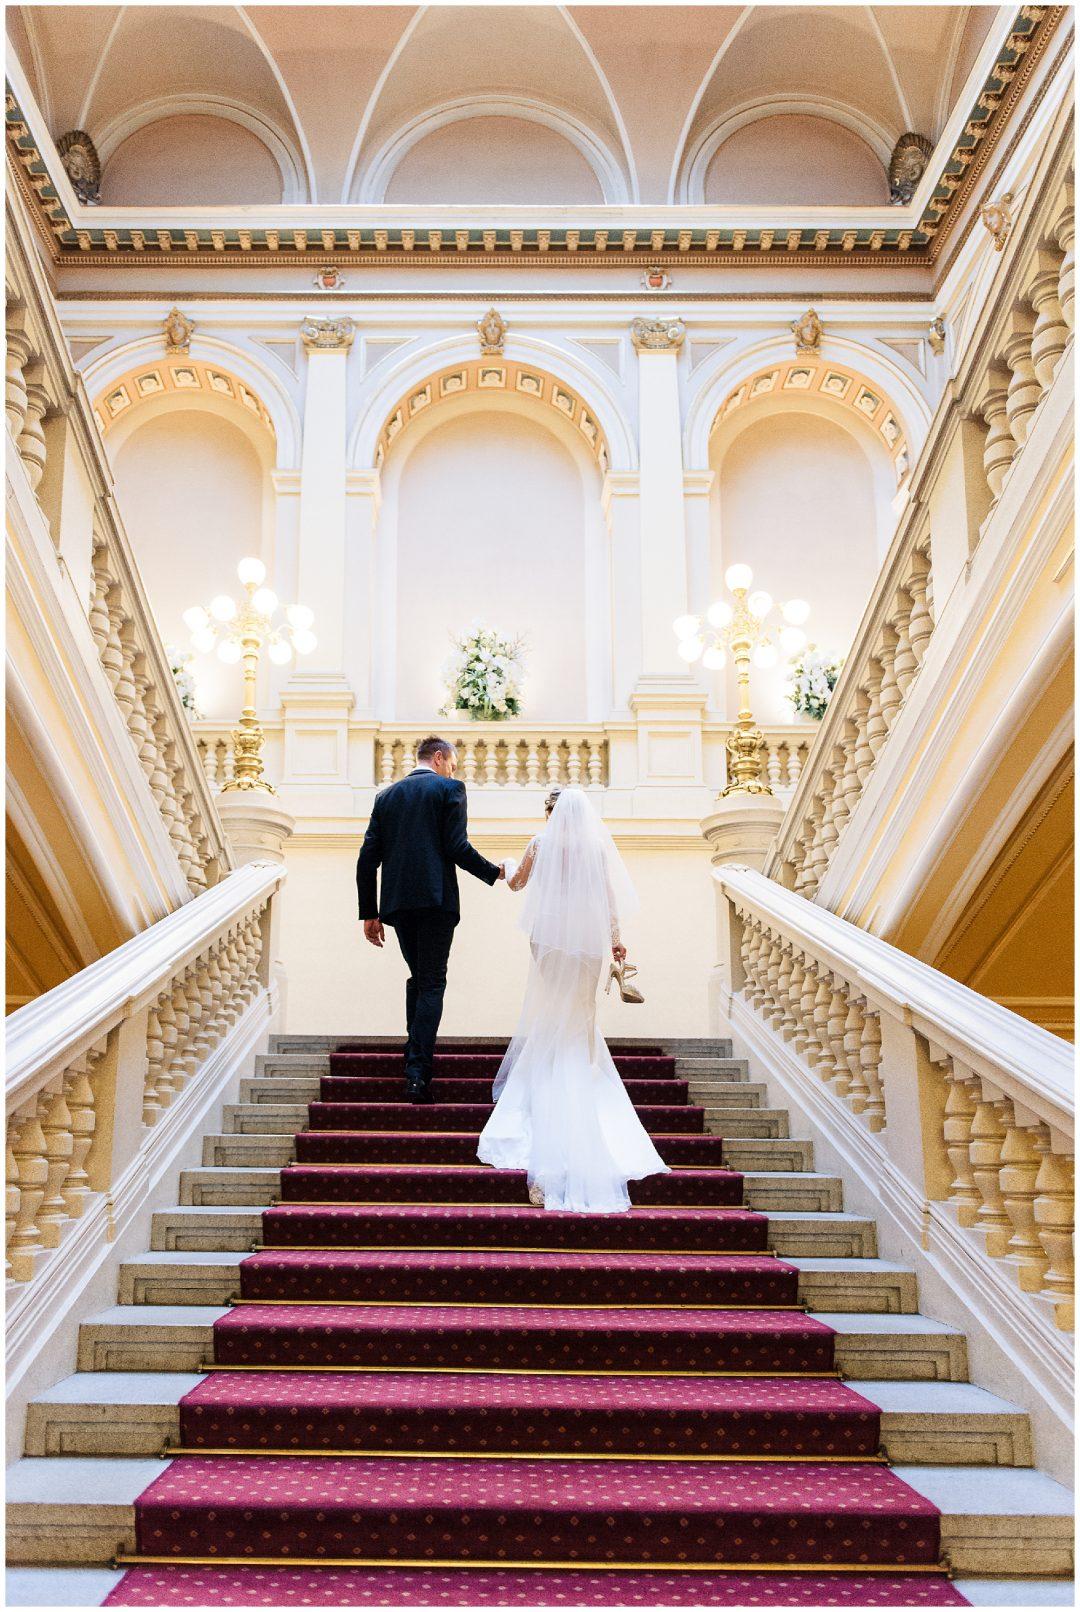 Destination Wedding in Prague | Pav and Steffen - weddings - Destination wedding Prague wedding Nkima Photography 0045